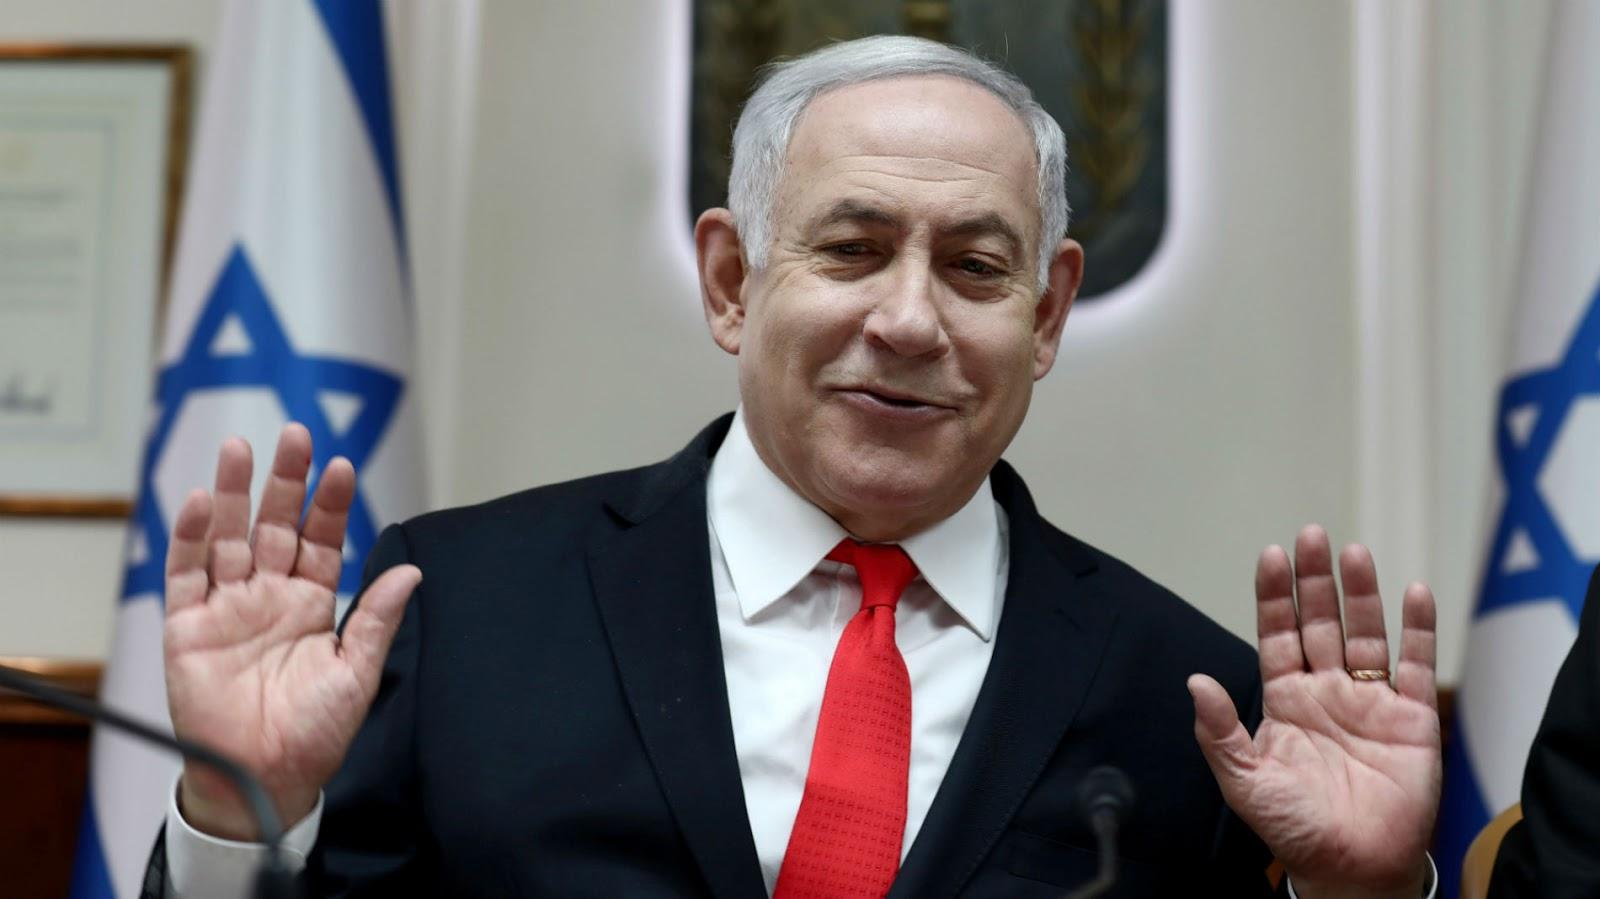 Netanyahu Akui Sering Kunjungi Negara-Negara Arab Secara Rahasia